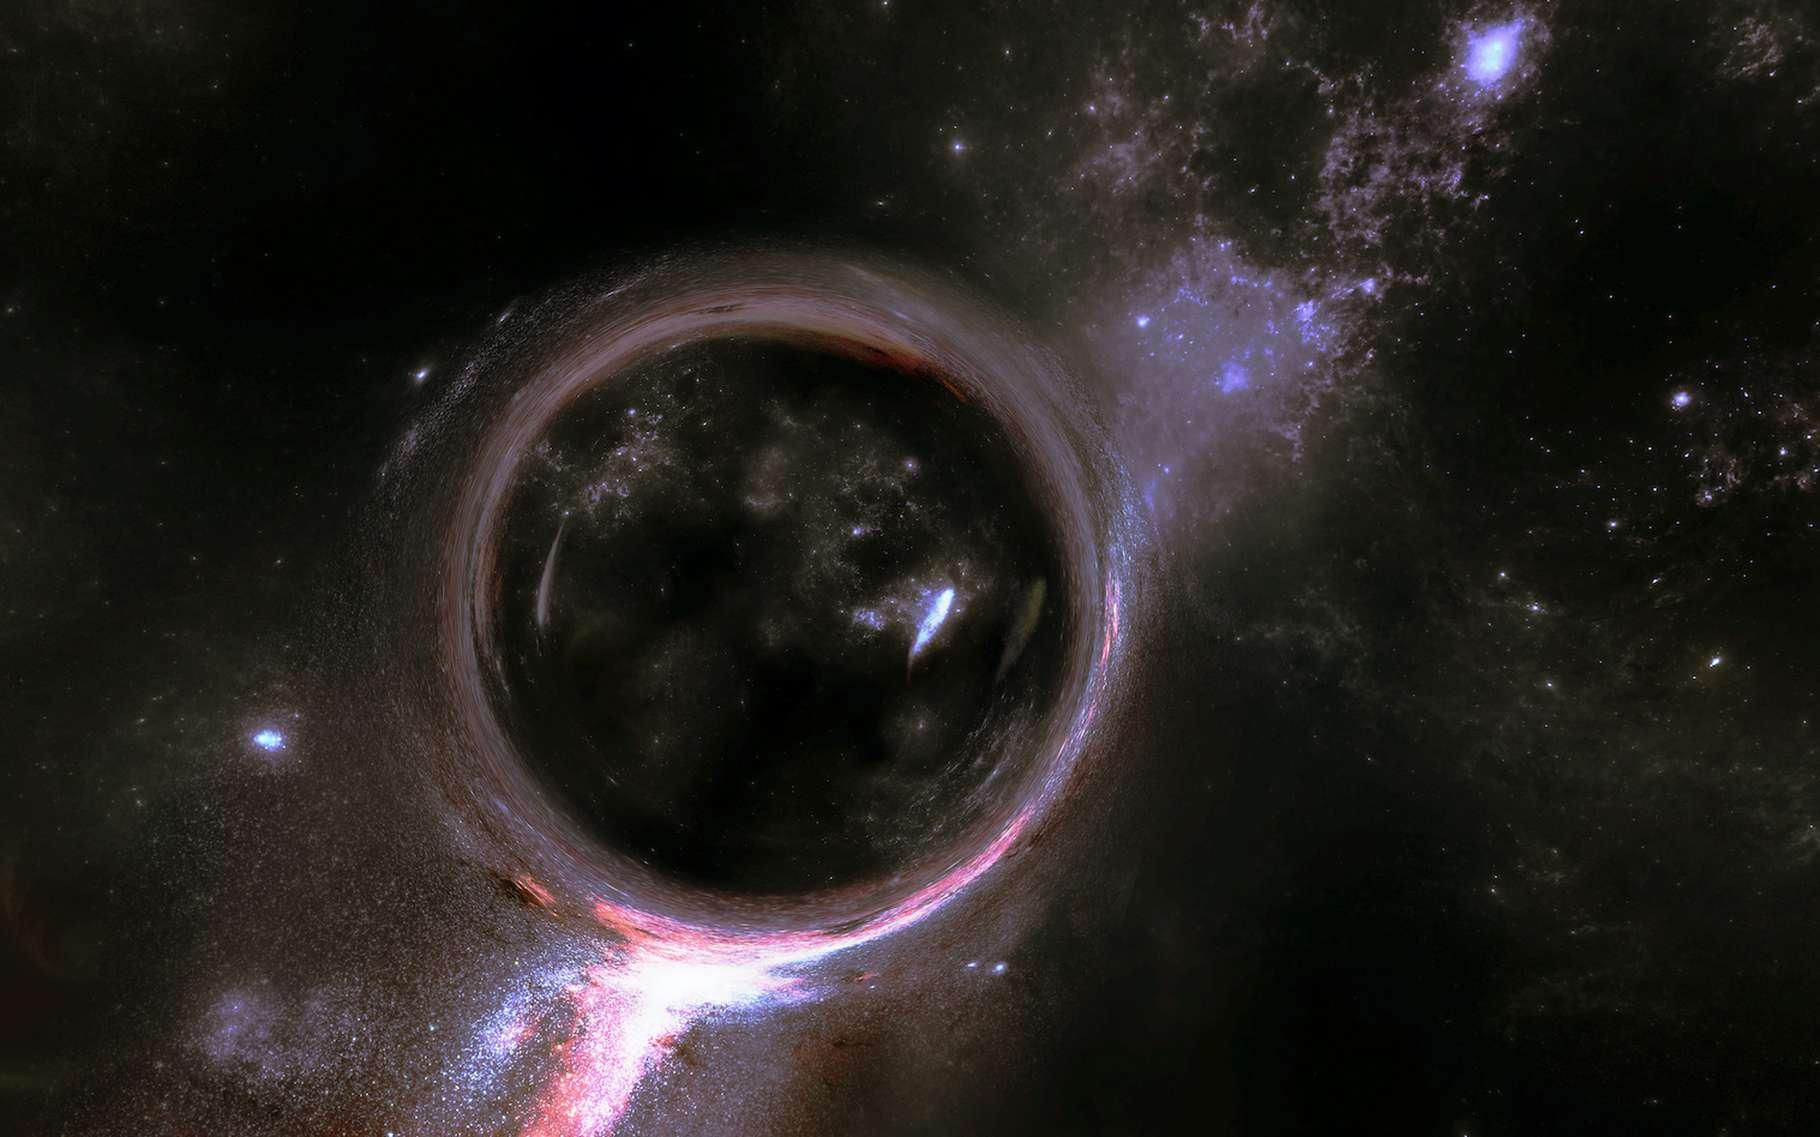 Les cosmologistes espèrent exploiter le phénomène de lentille gravitationnelle — ici en vue d'artiste — pour établir avec précision la valeur de la constante de Hubble et comprendre enfin à quelle vitesse notre Univers s'étend. © ShkYo30, Adobe Stock